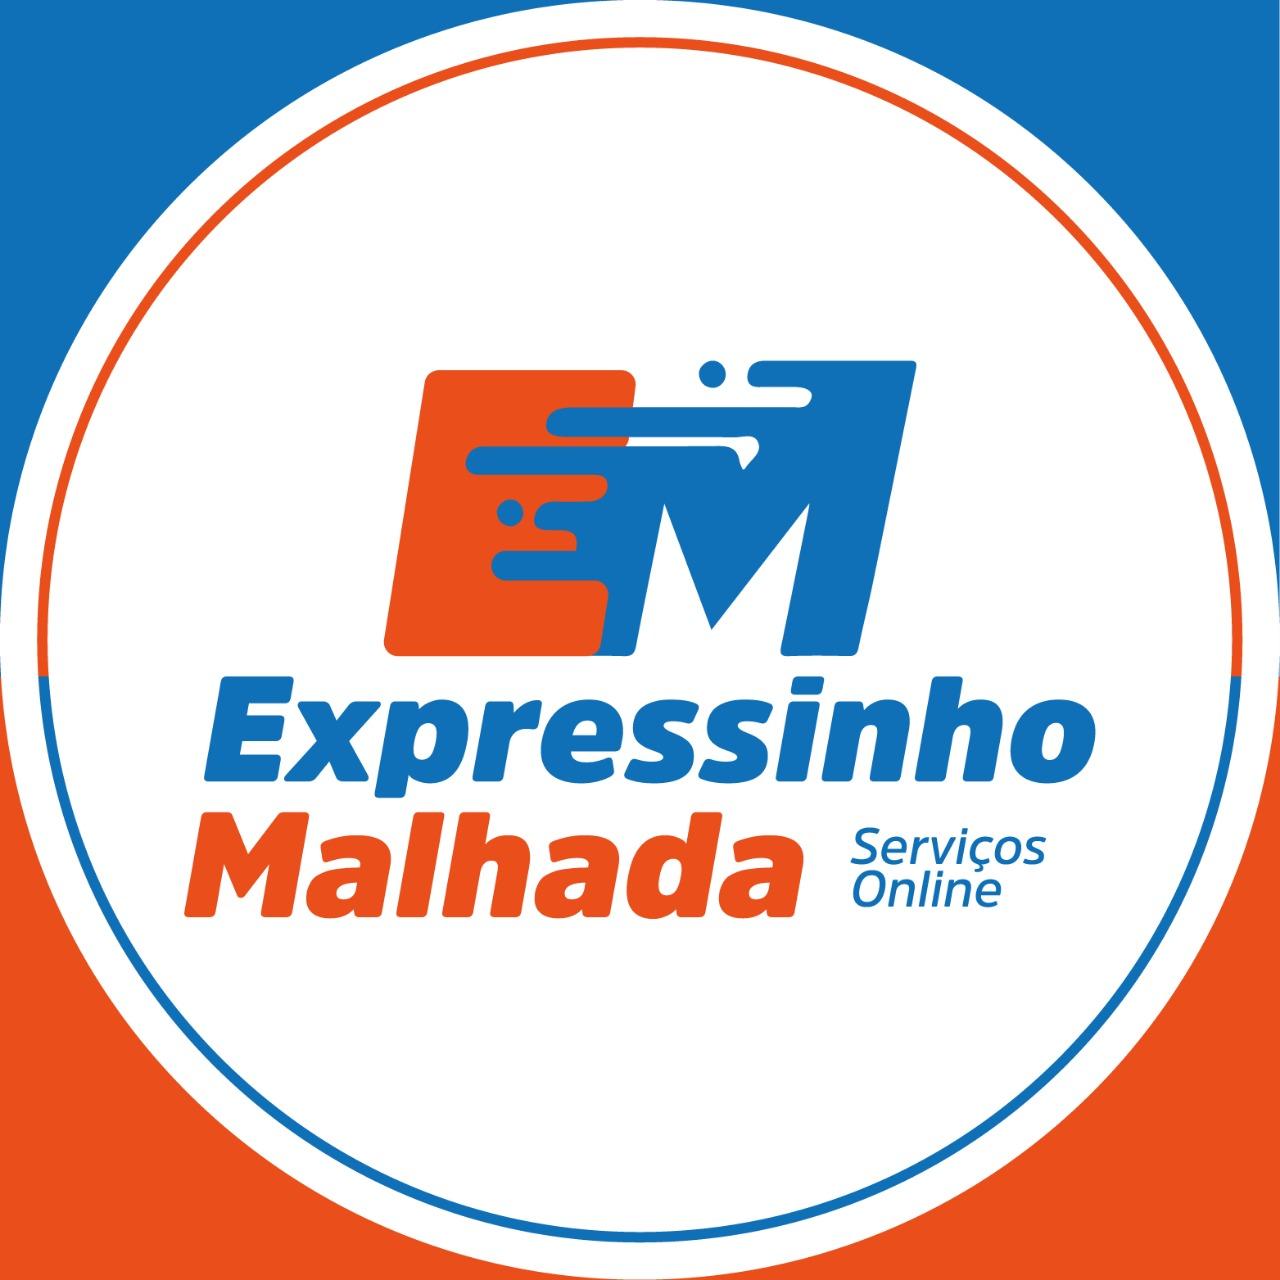 EXPRESSINHO MALHADA